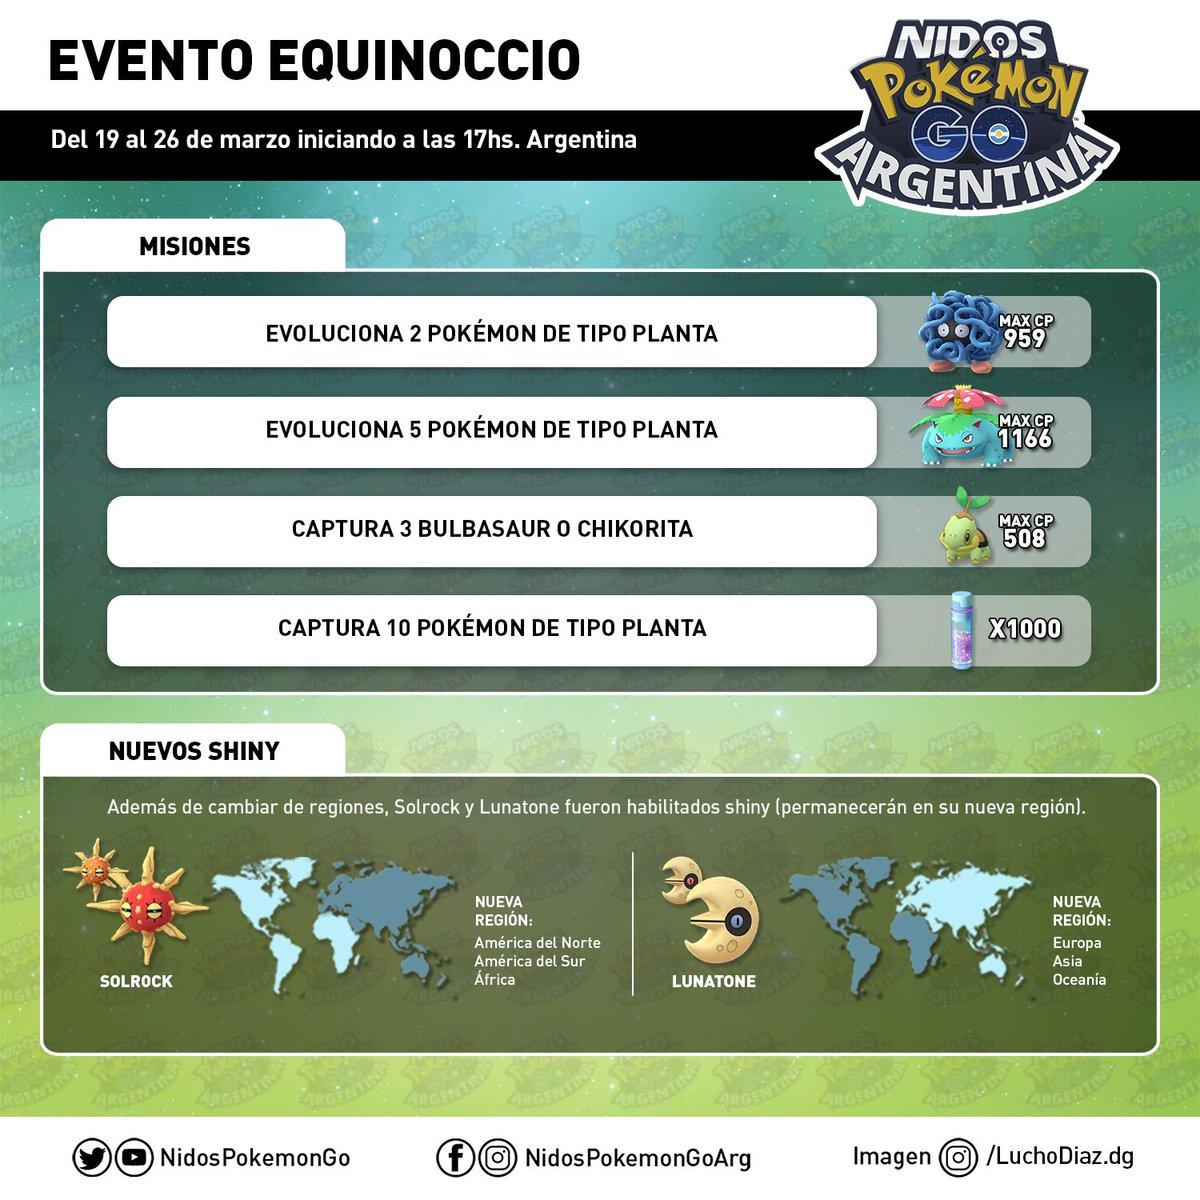 """Todas las nuevas misiones durante el evento de Equinoccio en Pokémon GO por <a href=""""https://twitter.com/nidospokemongo?lang=es"""">Nidos Pokémon GO Argentina</a>"""